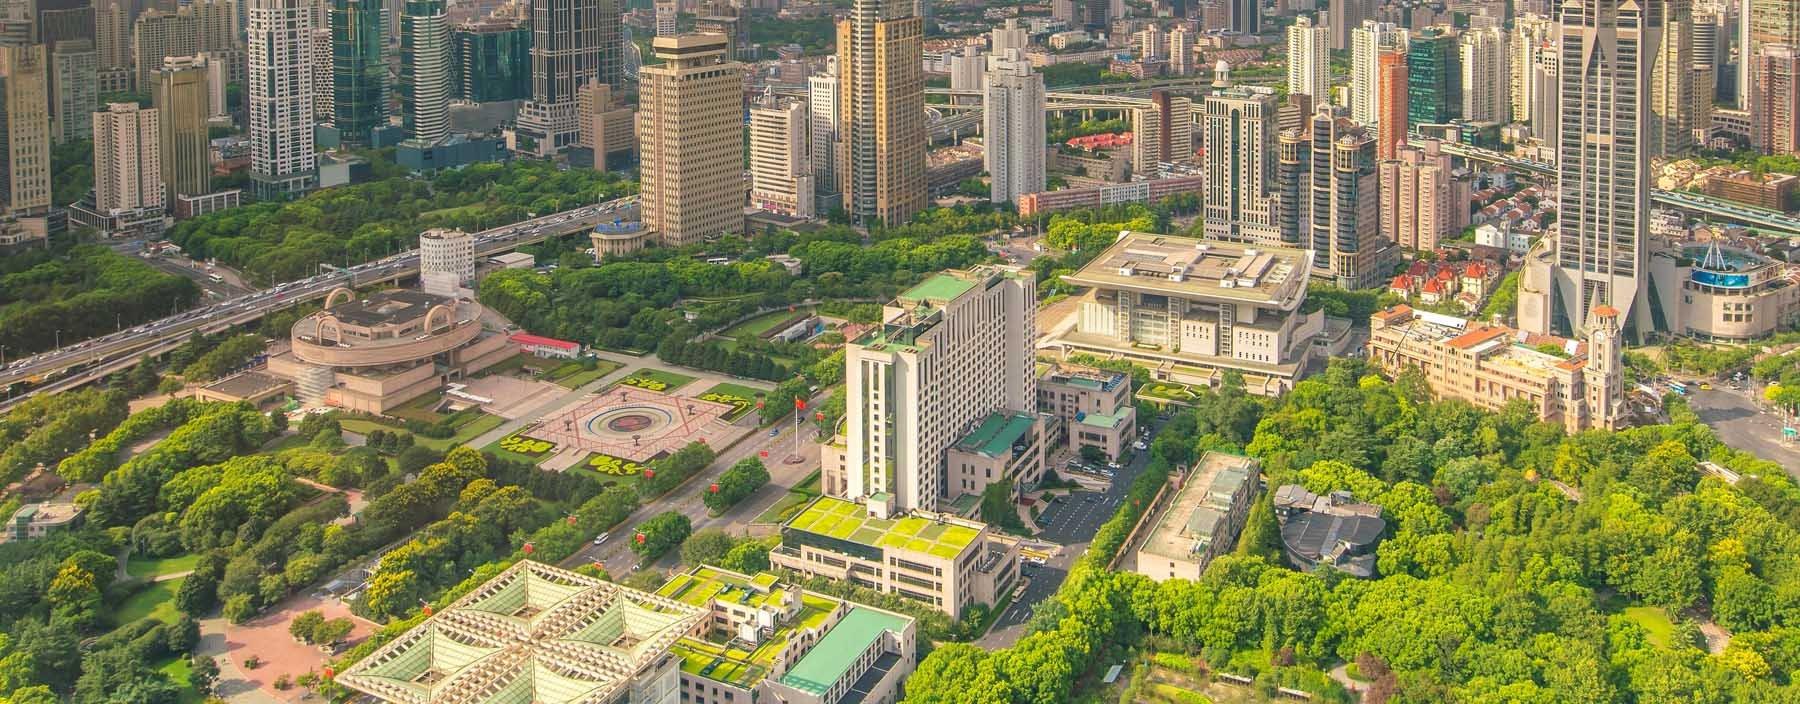 cn, shanghai, people's square en park.jpg